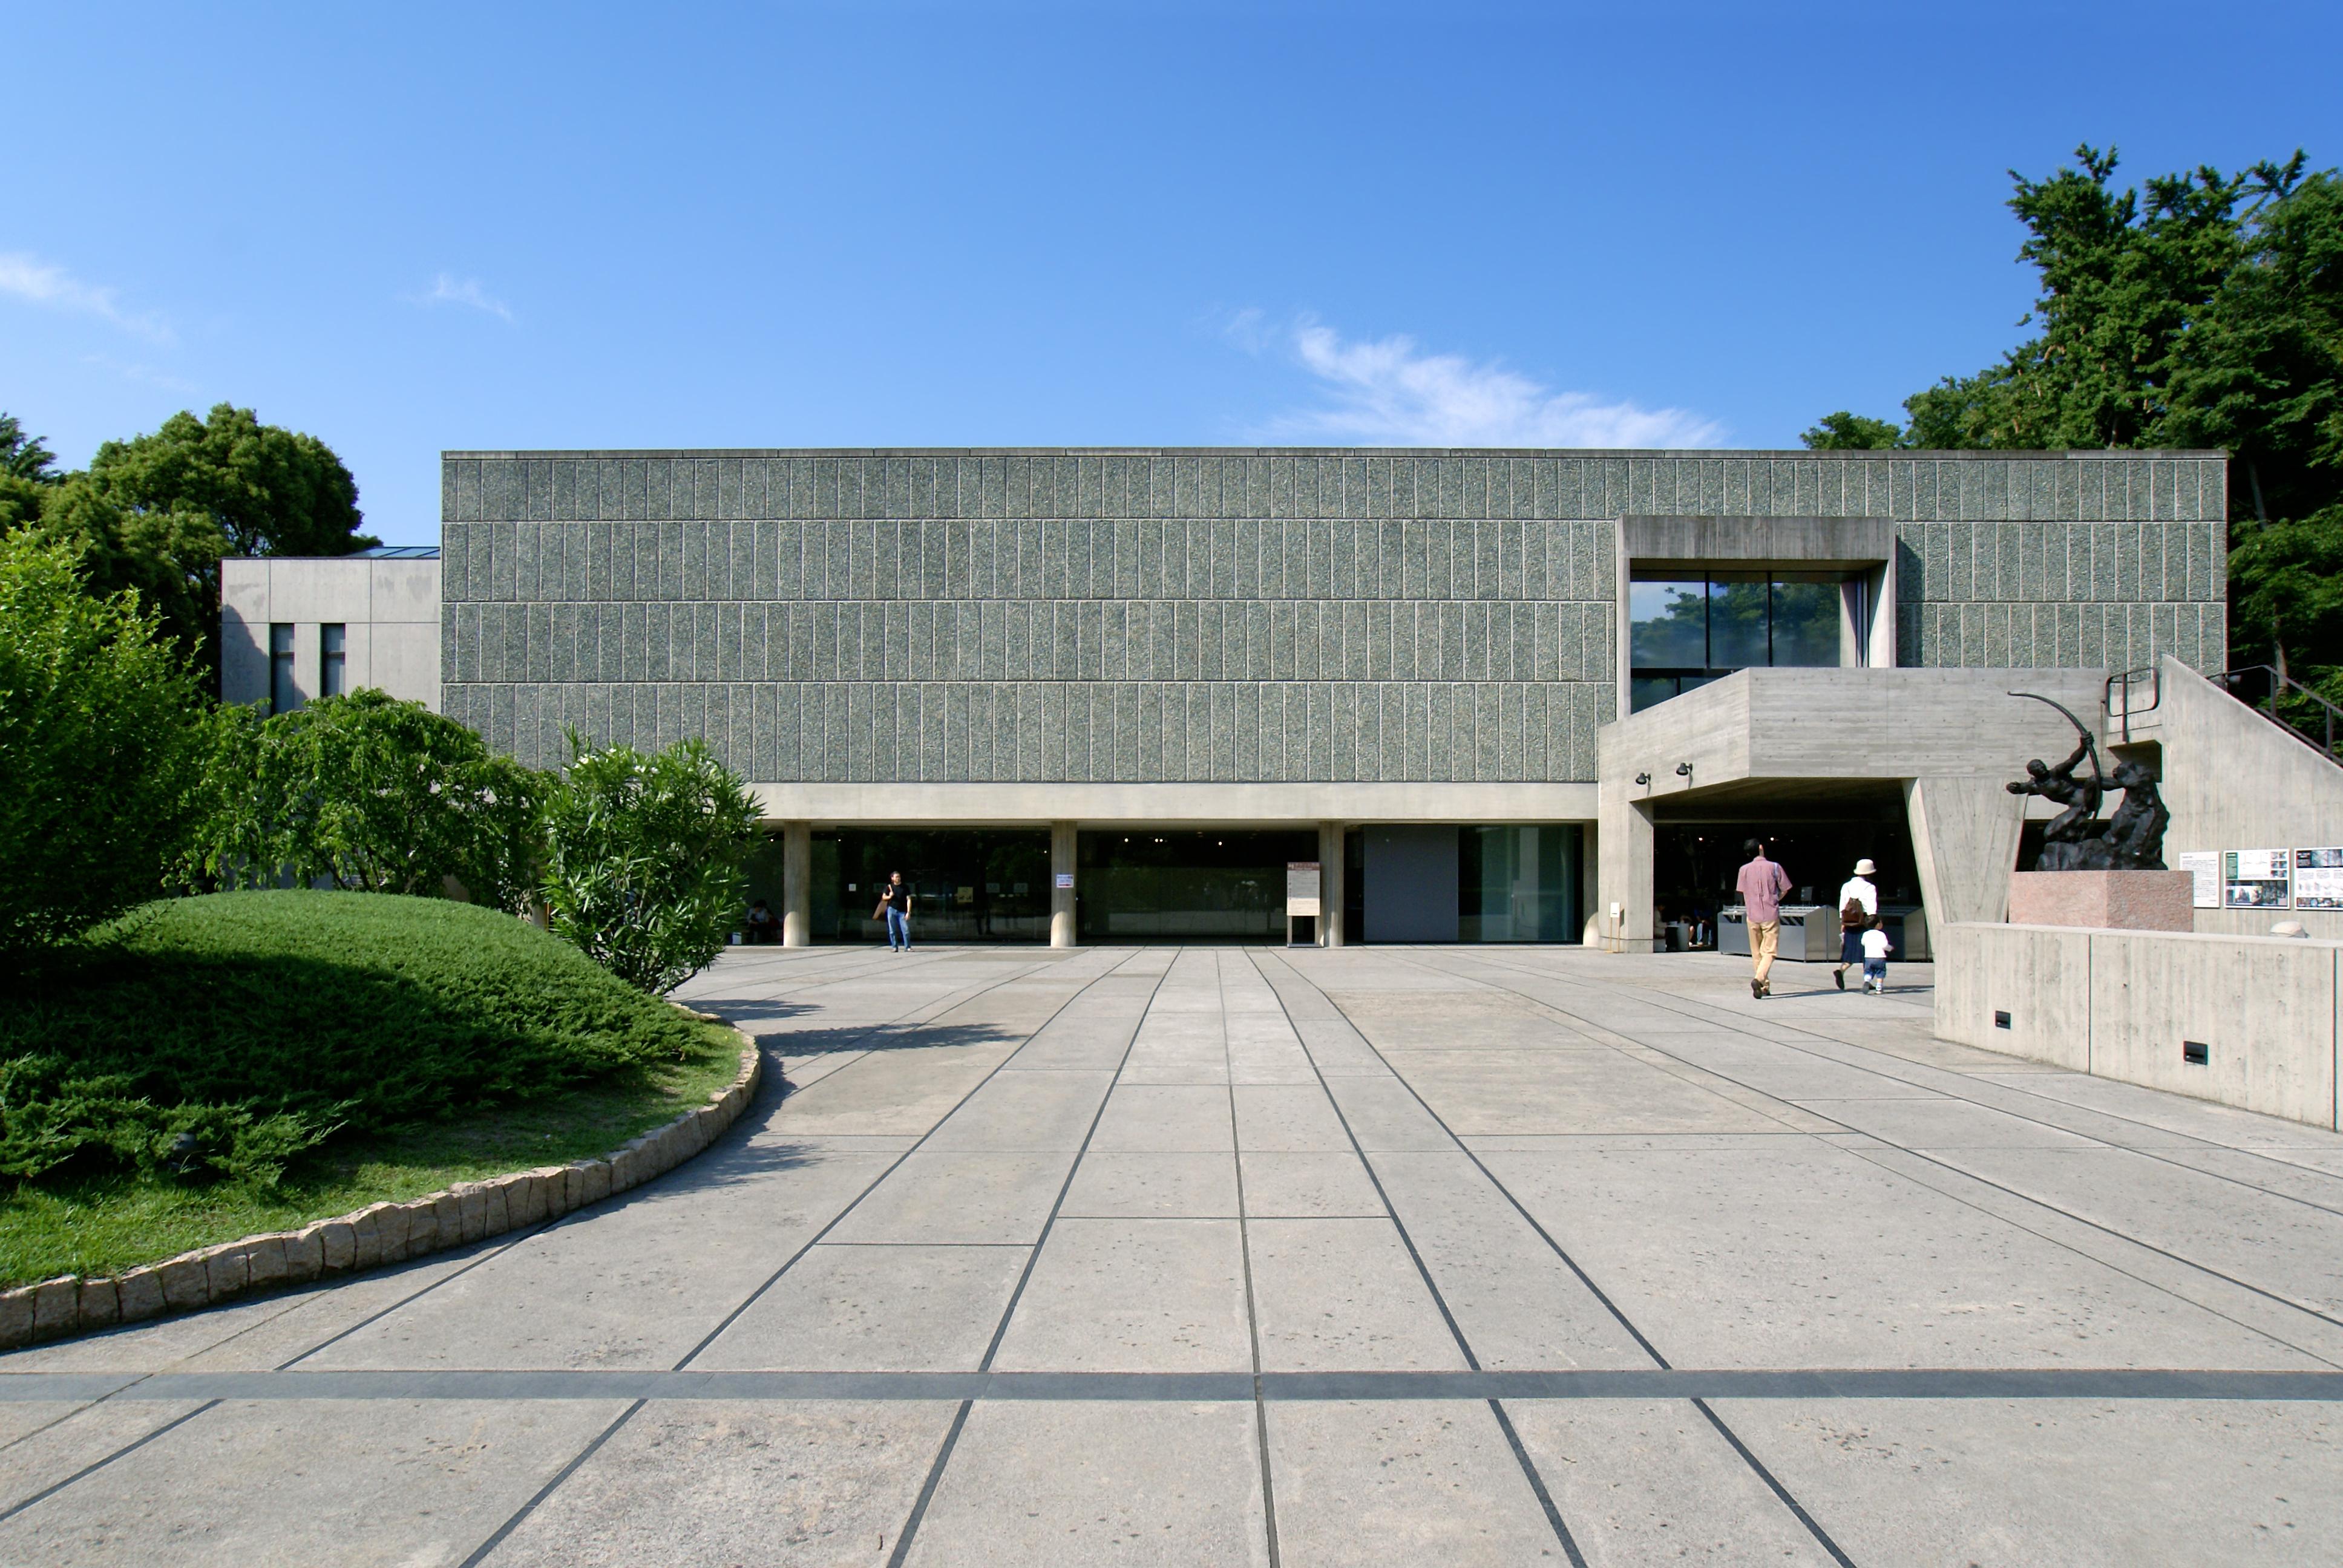 東京・上野に世界遺産が誕生!國立西洋美術館と他の世界遺産も気になる! - 気になるなるブログ